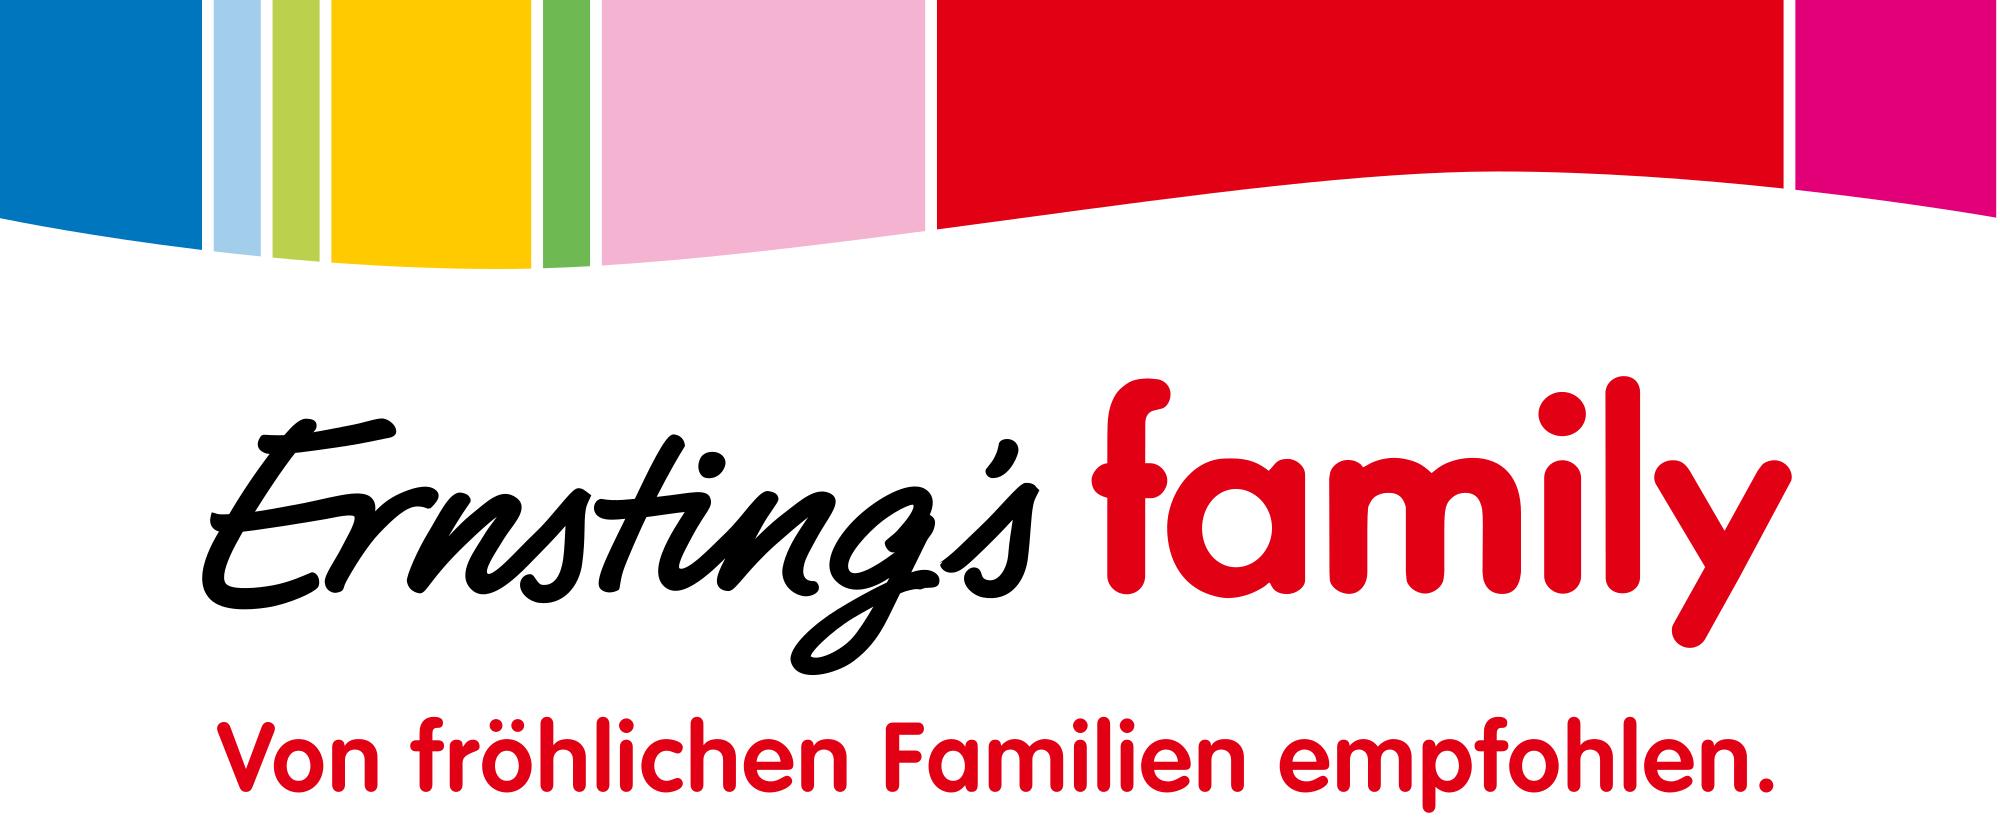 Ernsting's Family: Nur für kurze Zeit, 30% auf alle bereits reduzierten Artikel.** ONLINE & FILIALE